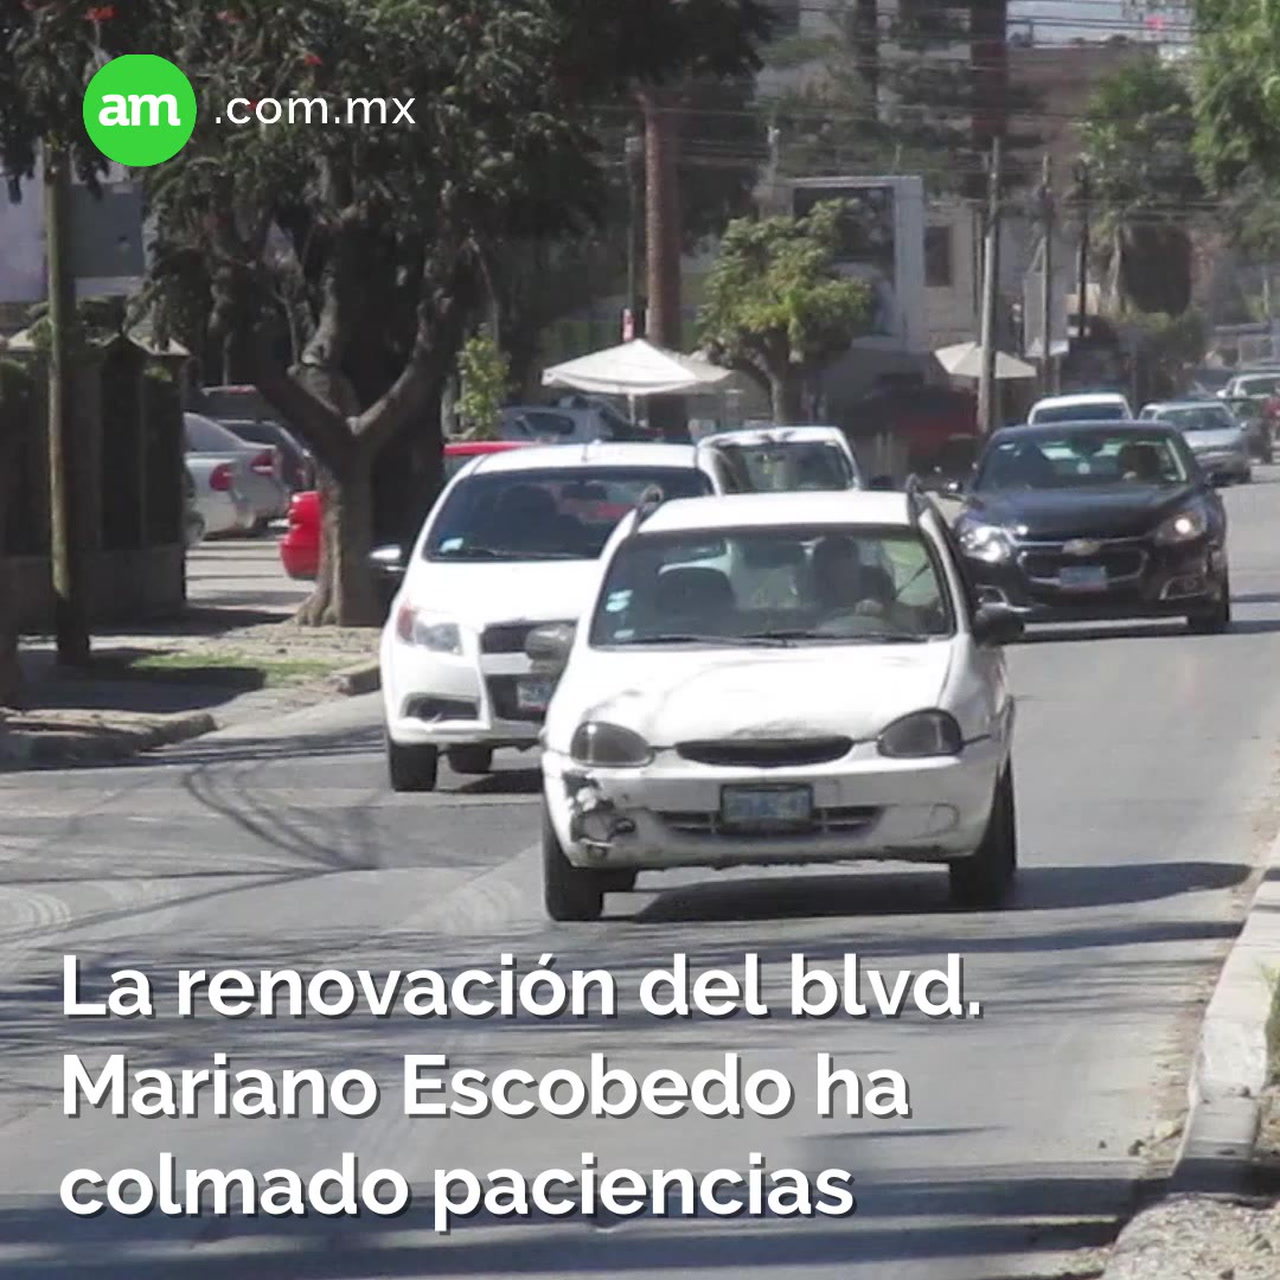 La renovación del blvd Mariano Escobedo ha colmado paciencias